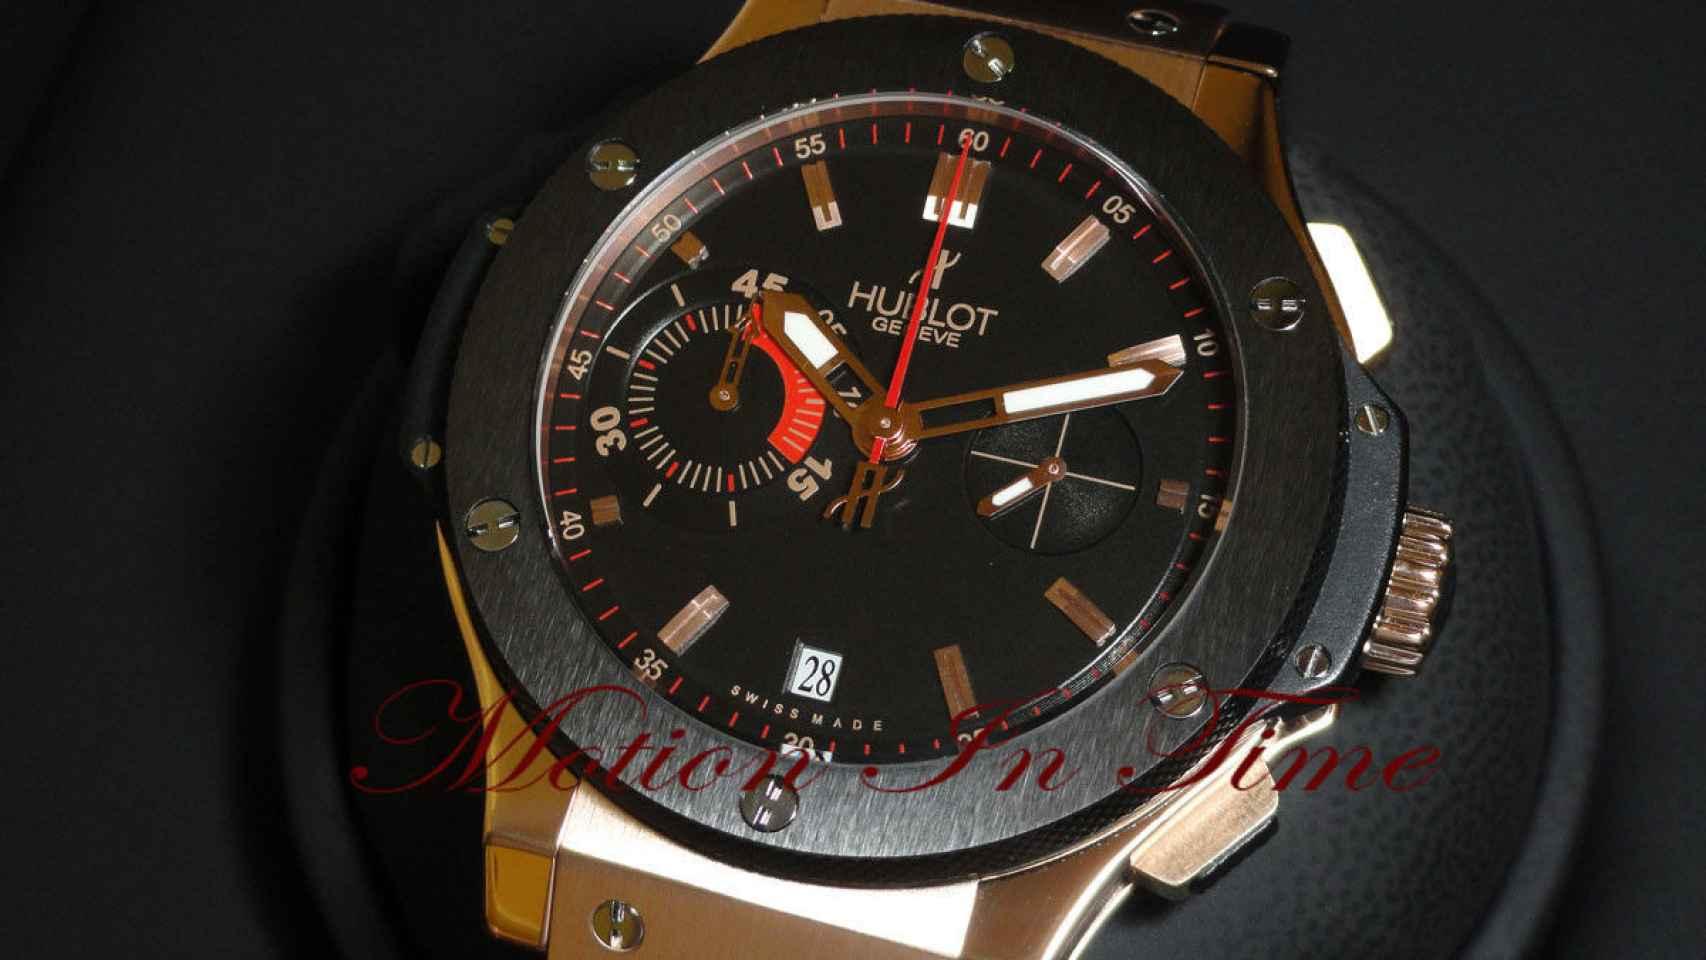 Motion in time subasta el reloj en Ebay por algo más de 22.000 euros.